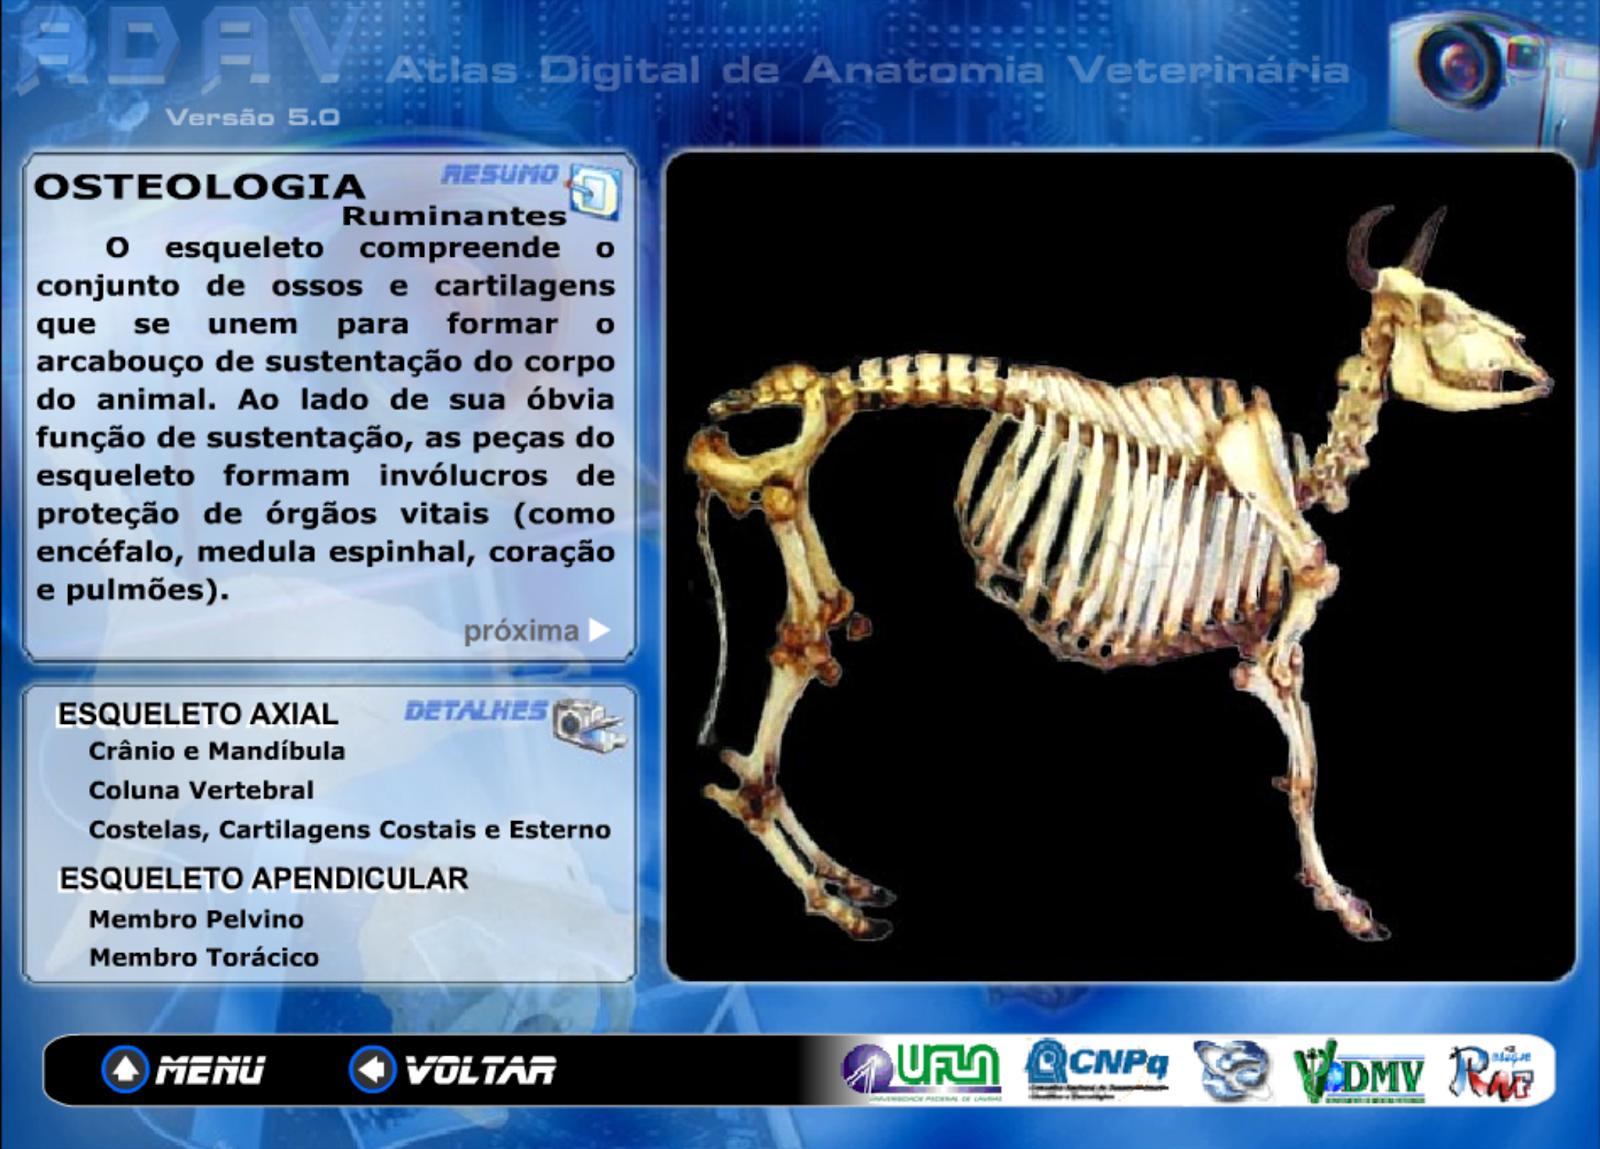 Anatomia Veterinária, novas tecnologias para estudo | Medicina ...